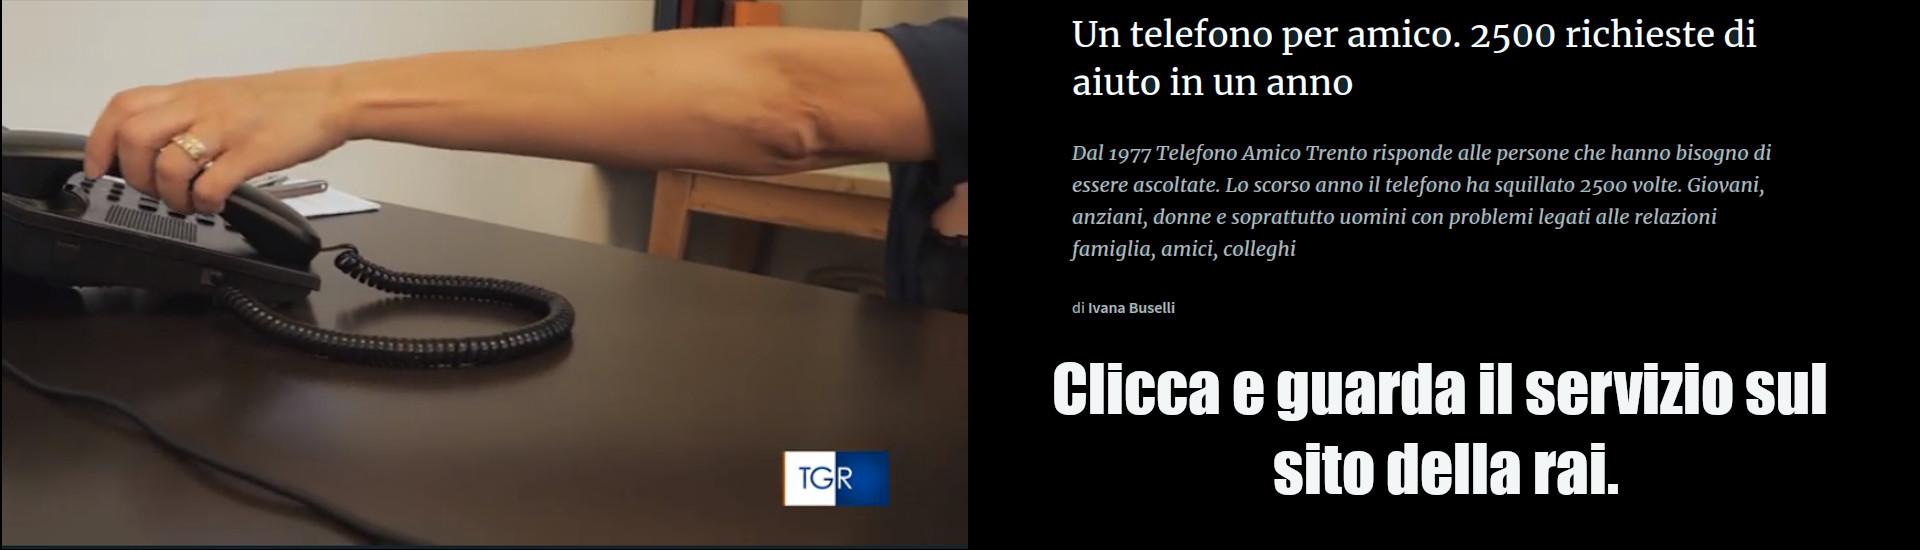 Telefono amico Trento servizio Rai 3